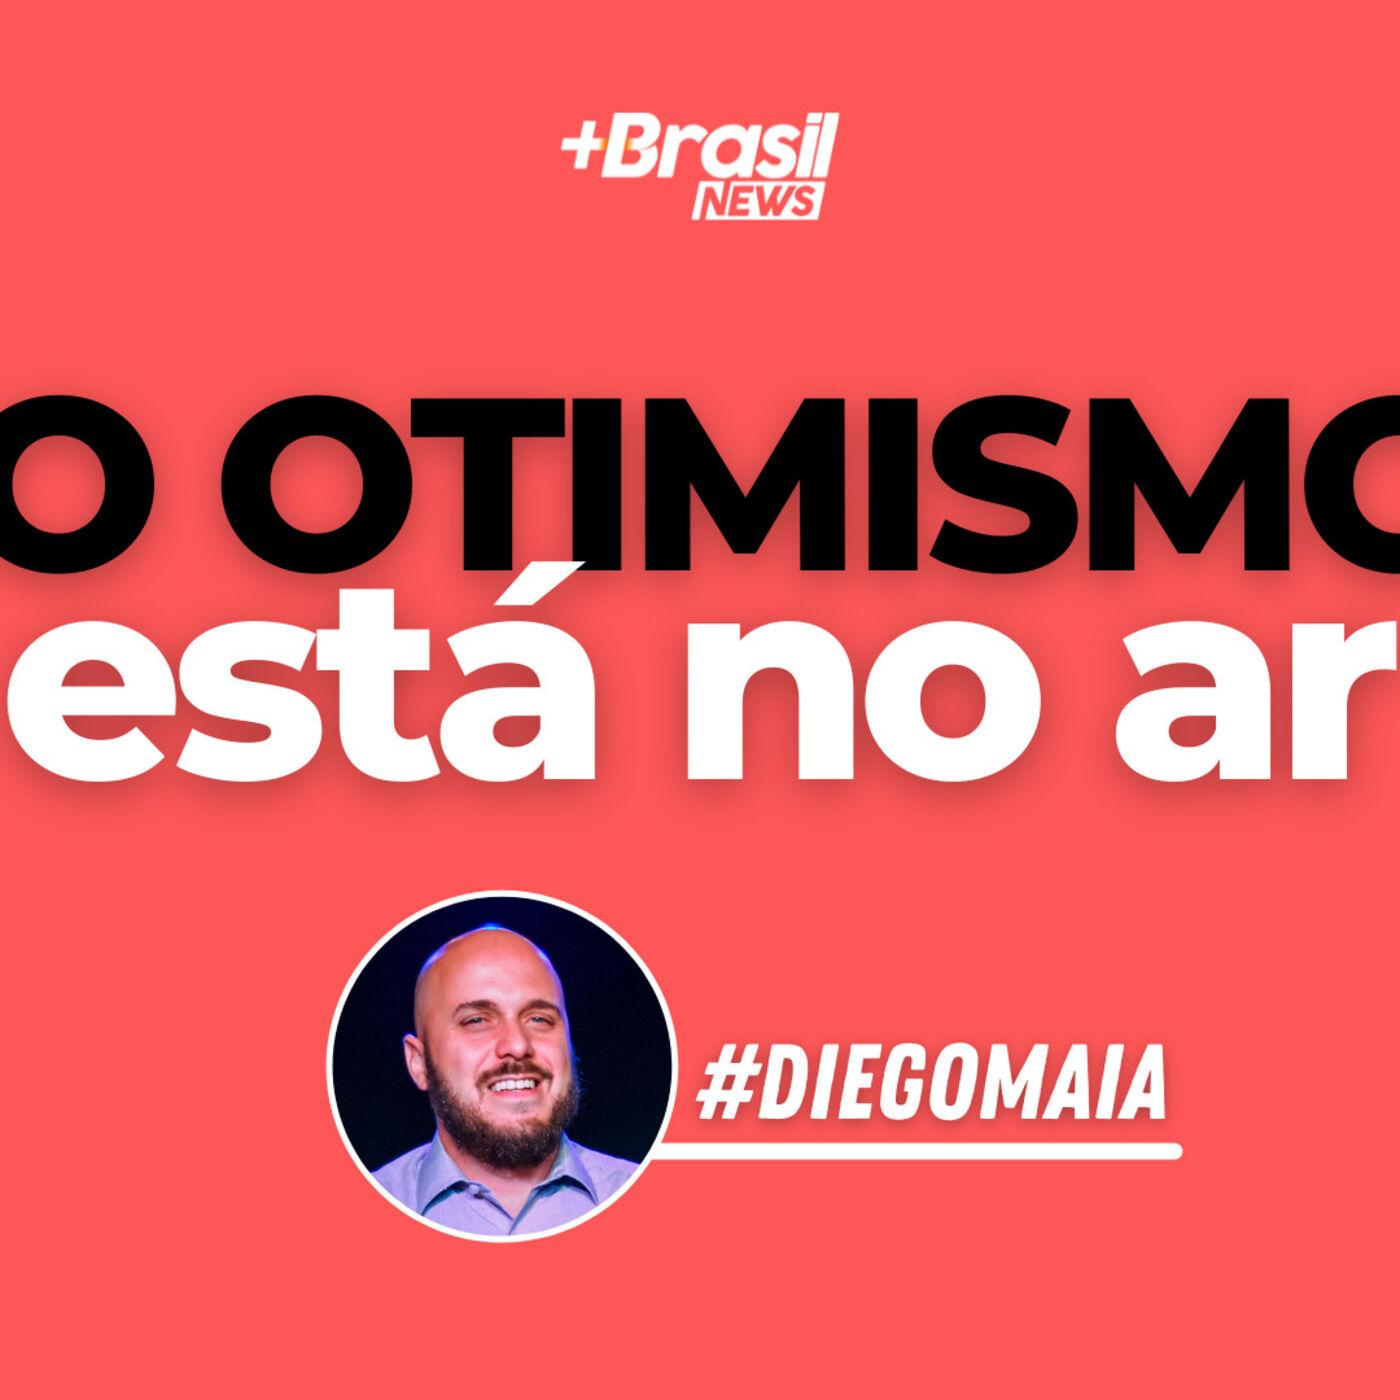 BóraVoar - O otimismo está no ar - Edição Semanal 01/6/2021